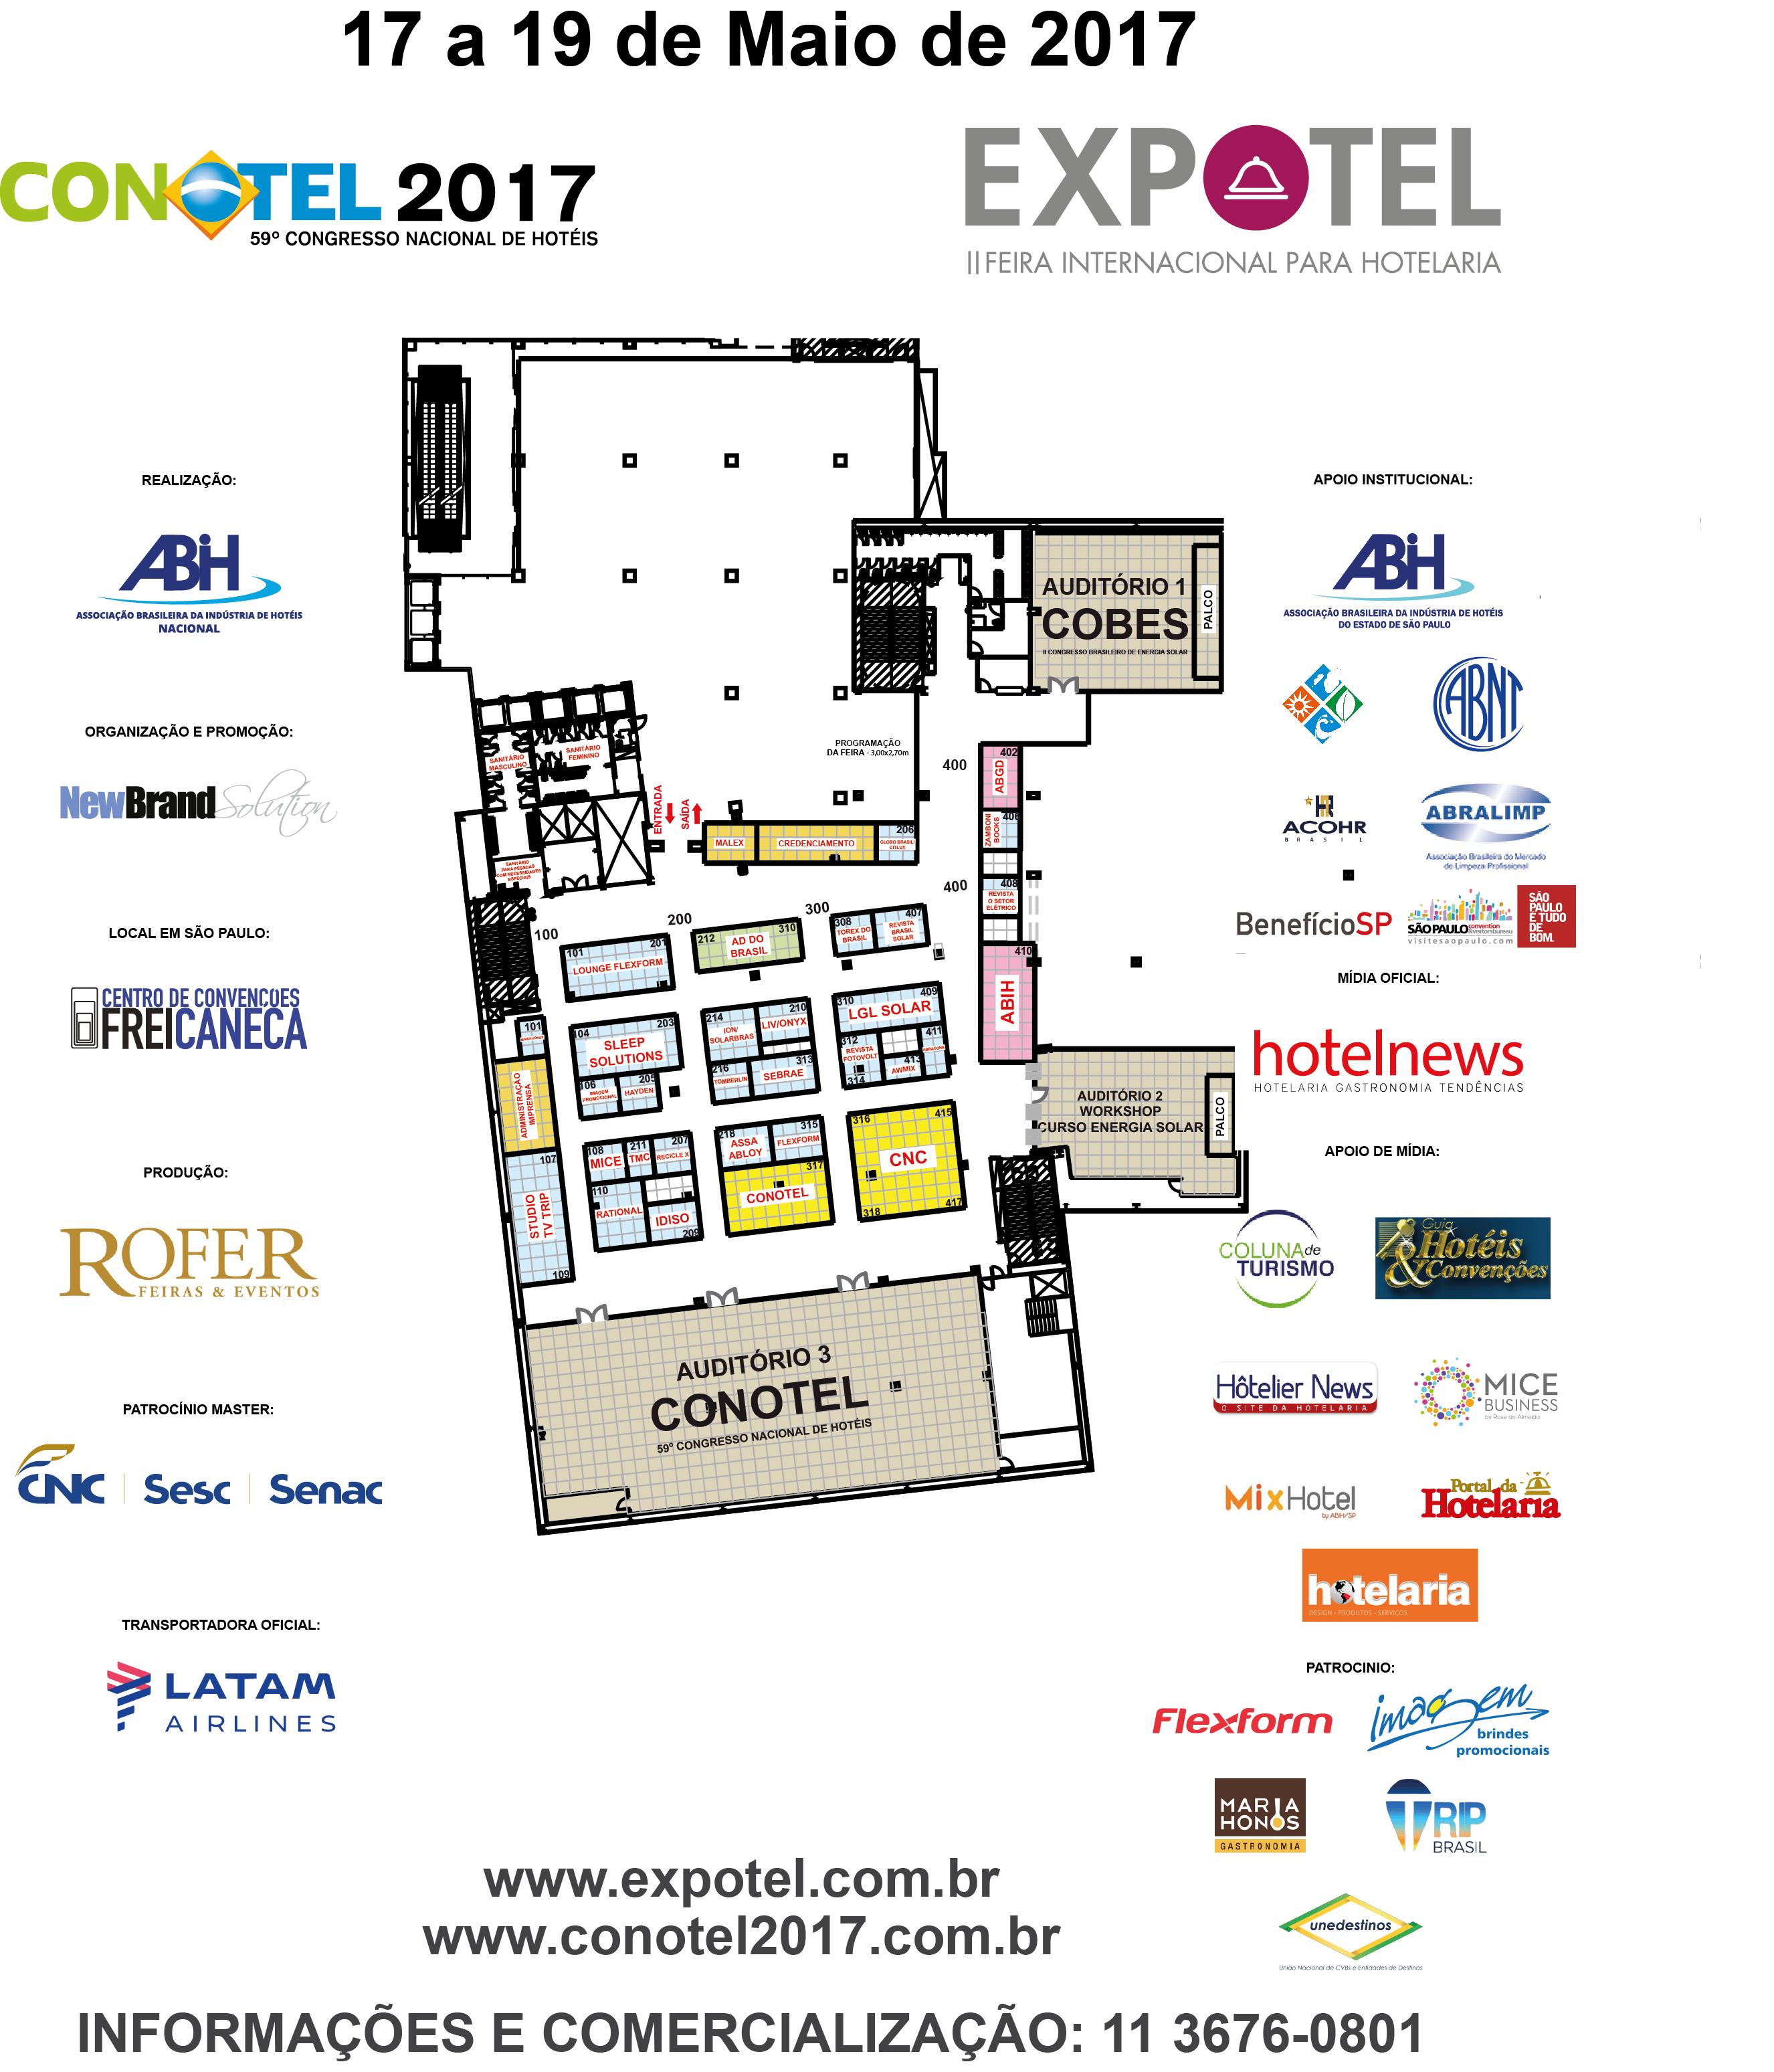 Planta Frei Caneca 5 andar Exposolar Expotel A4 FINAL 12.05.2017